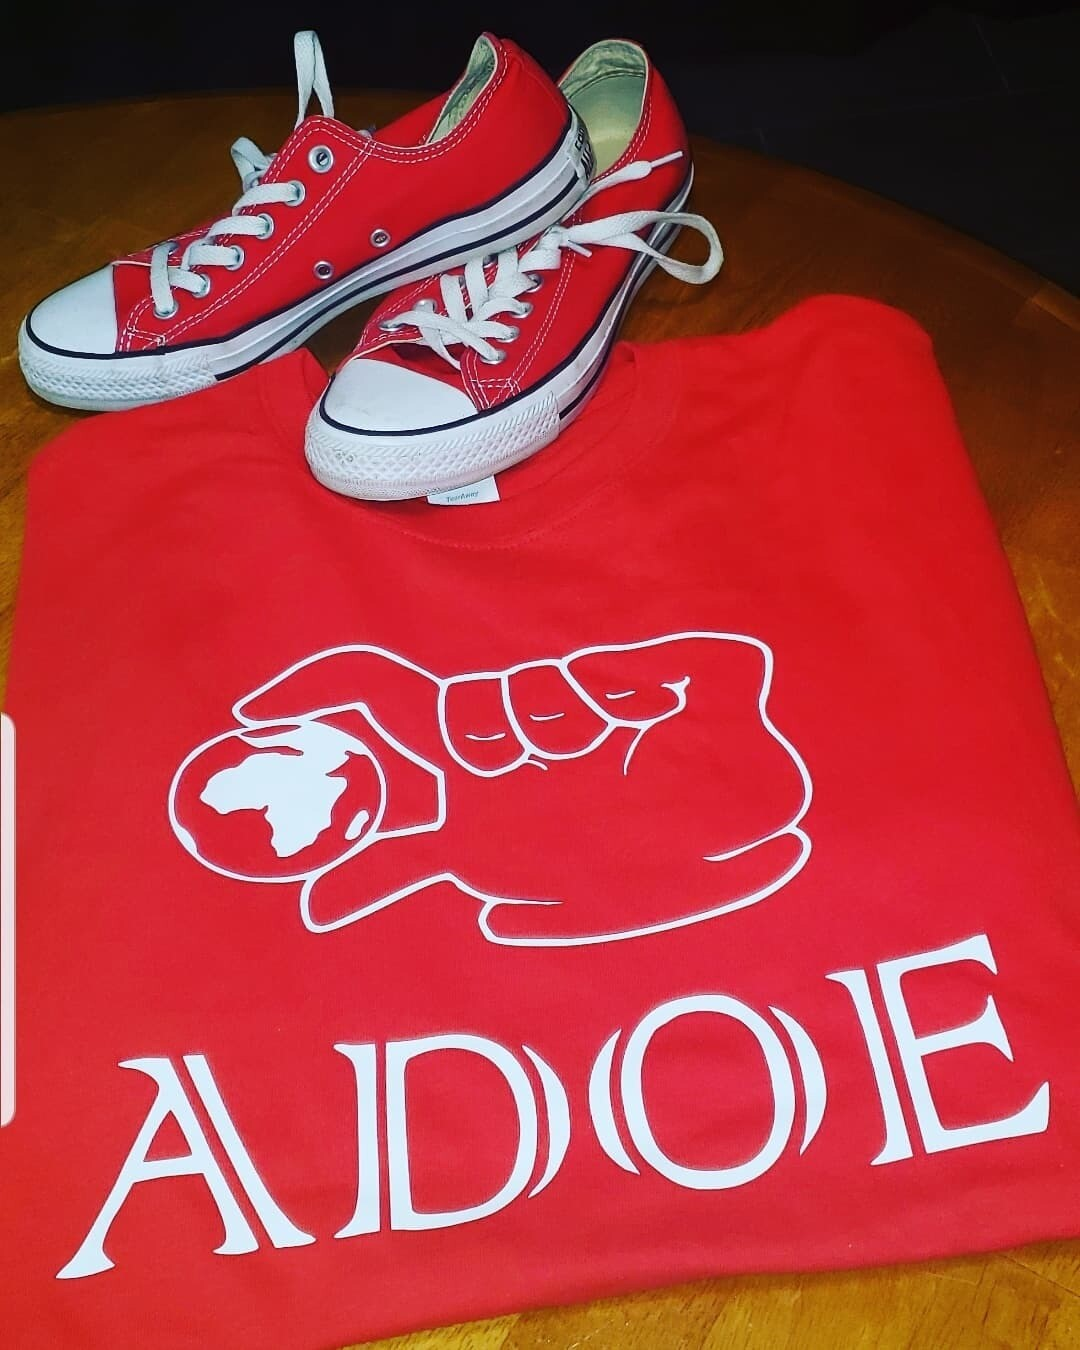 ADOE Adult T-Shirt